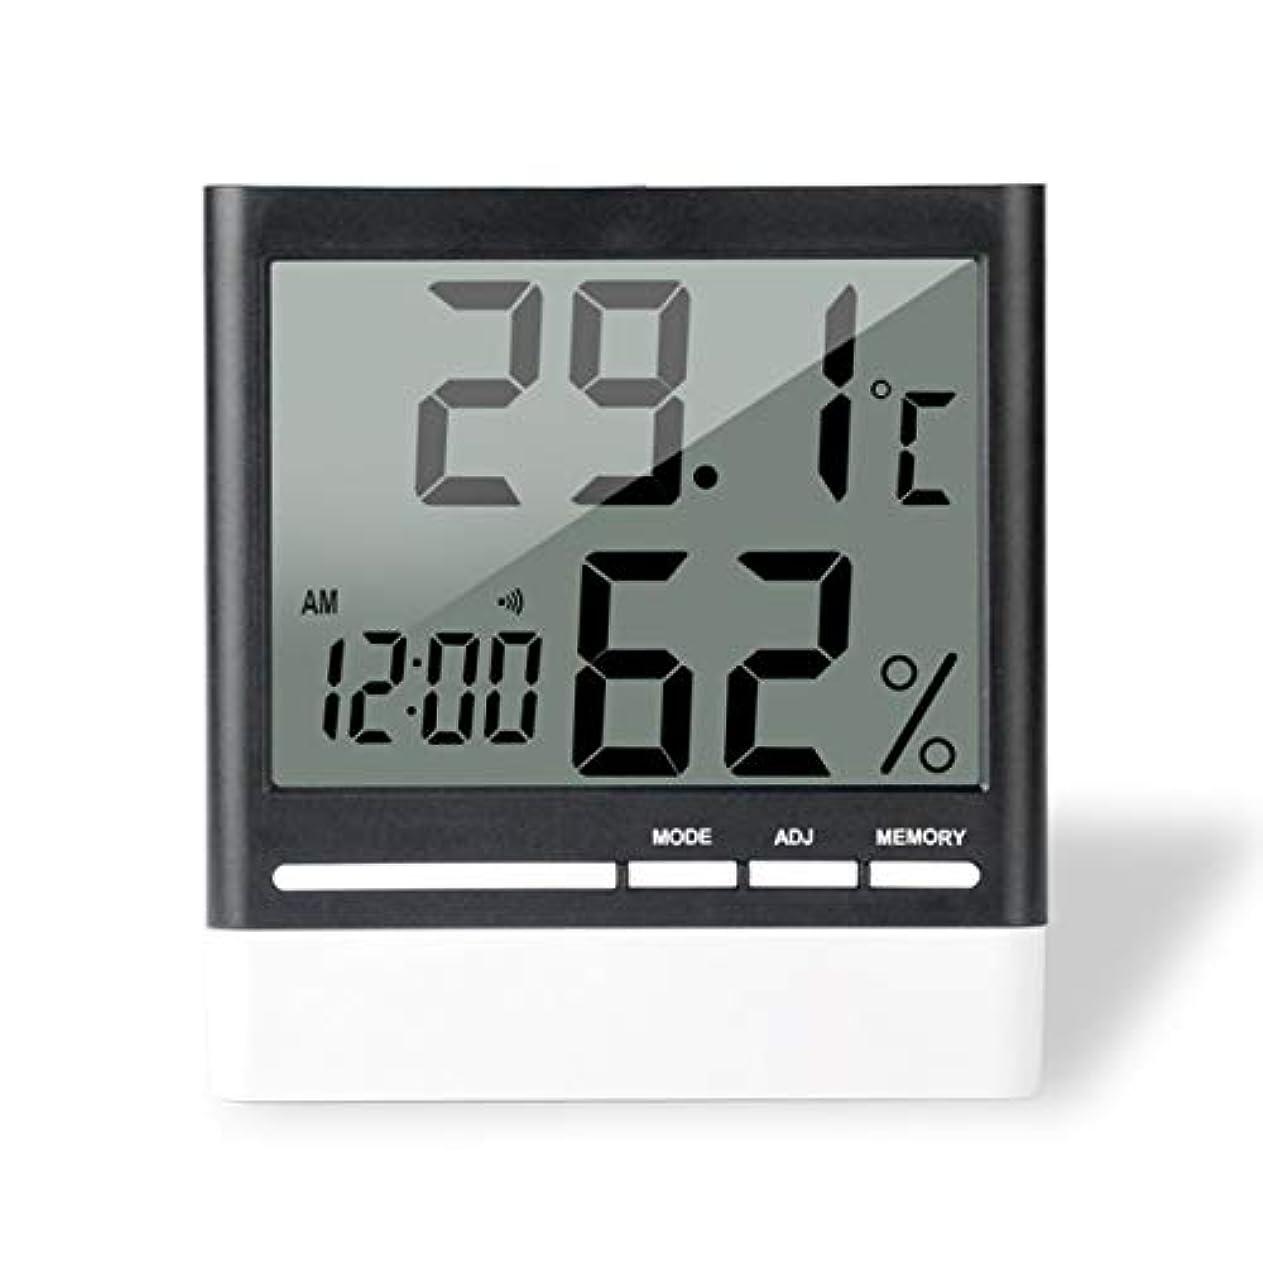 勇気のある徴収測定可能Saikogoods 電子体温計湿度計 デジタルディスプレイ 温度湿度モニター アラーム時計 屋内家庭用 ブラック